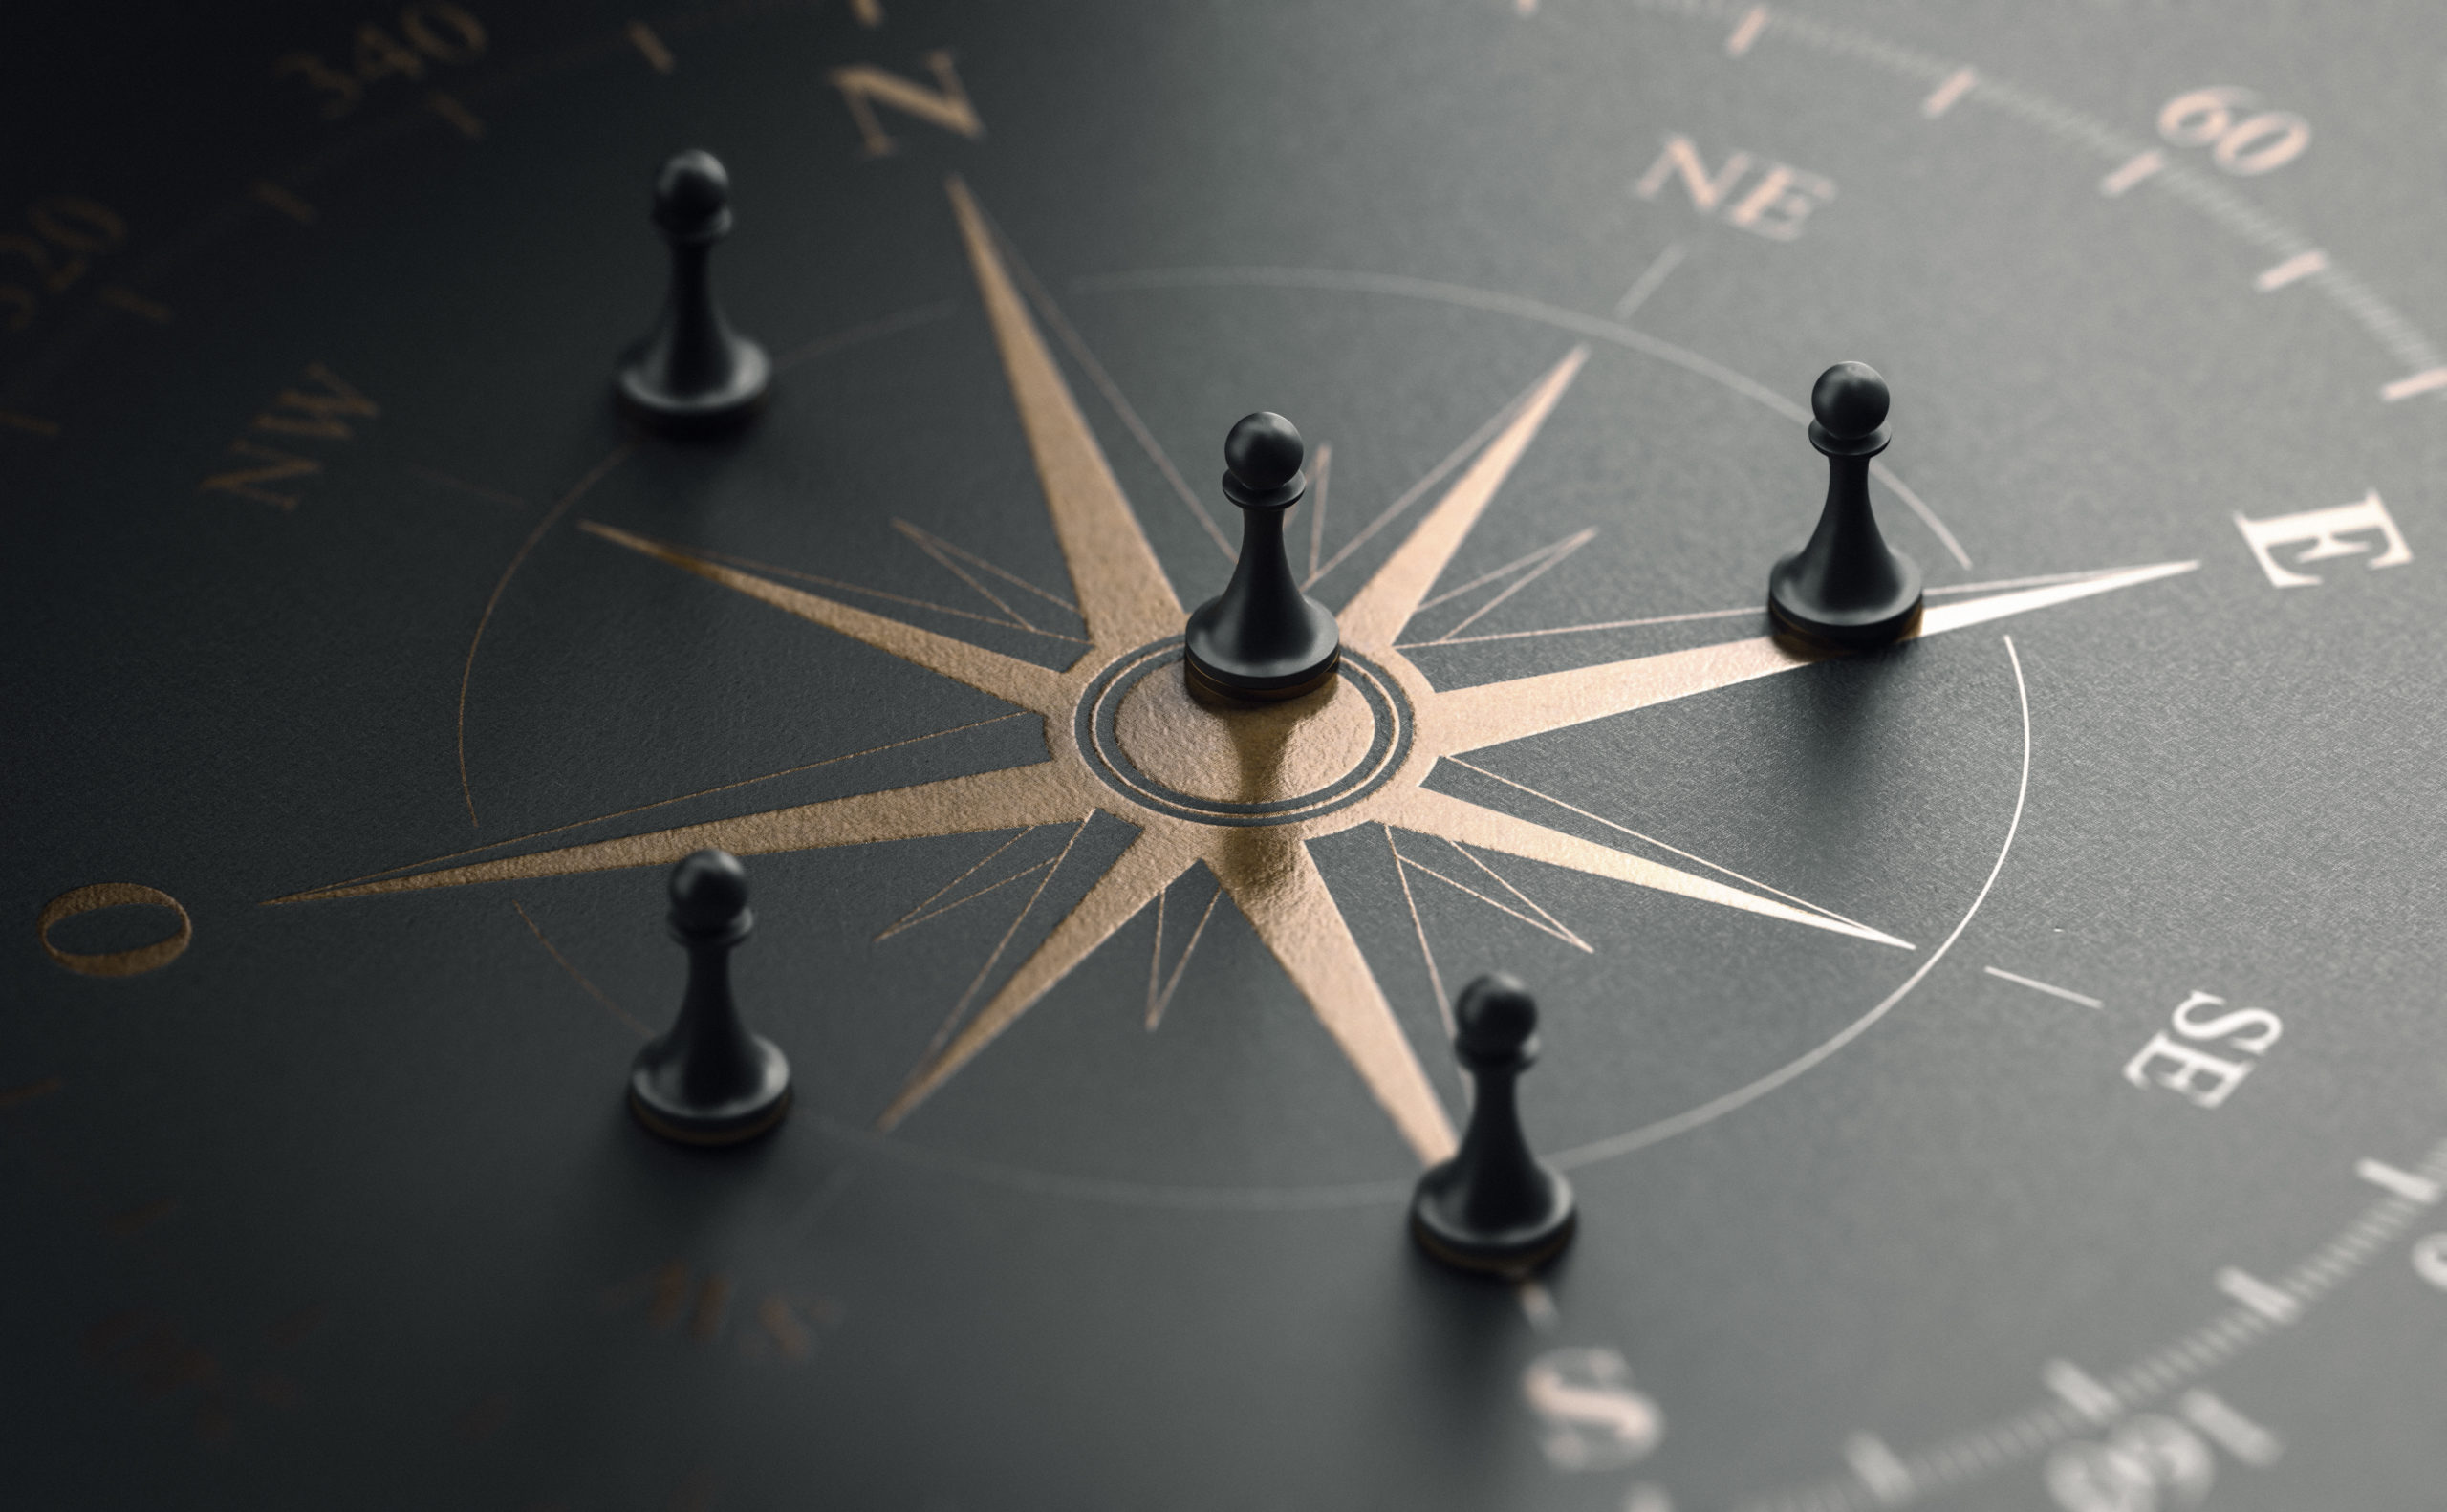 Las estrategias de posicionamiento más habituales en el marketing digital